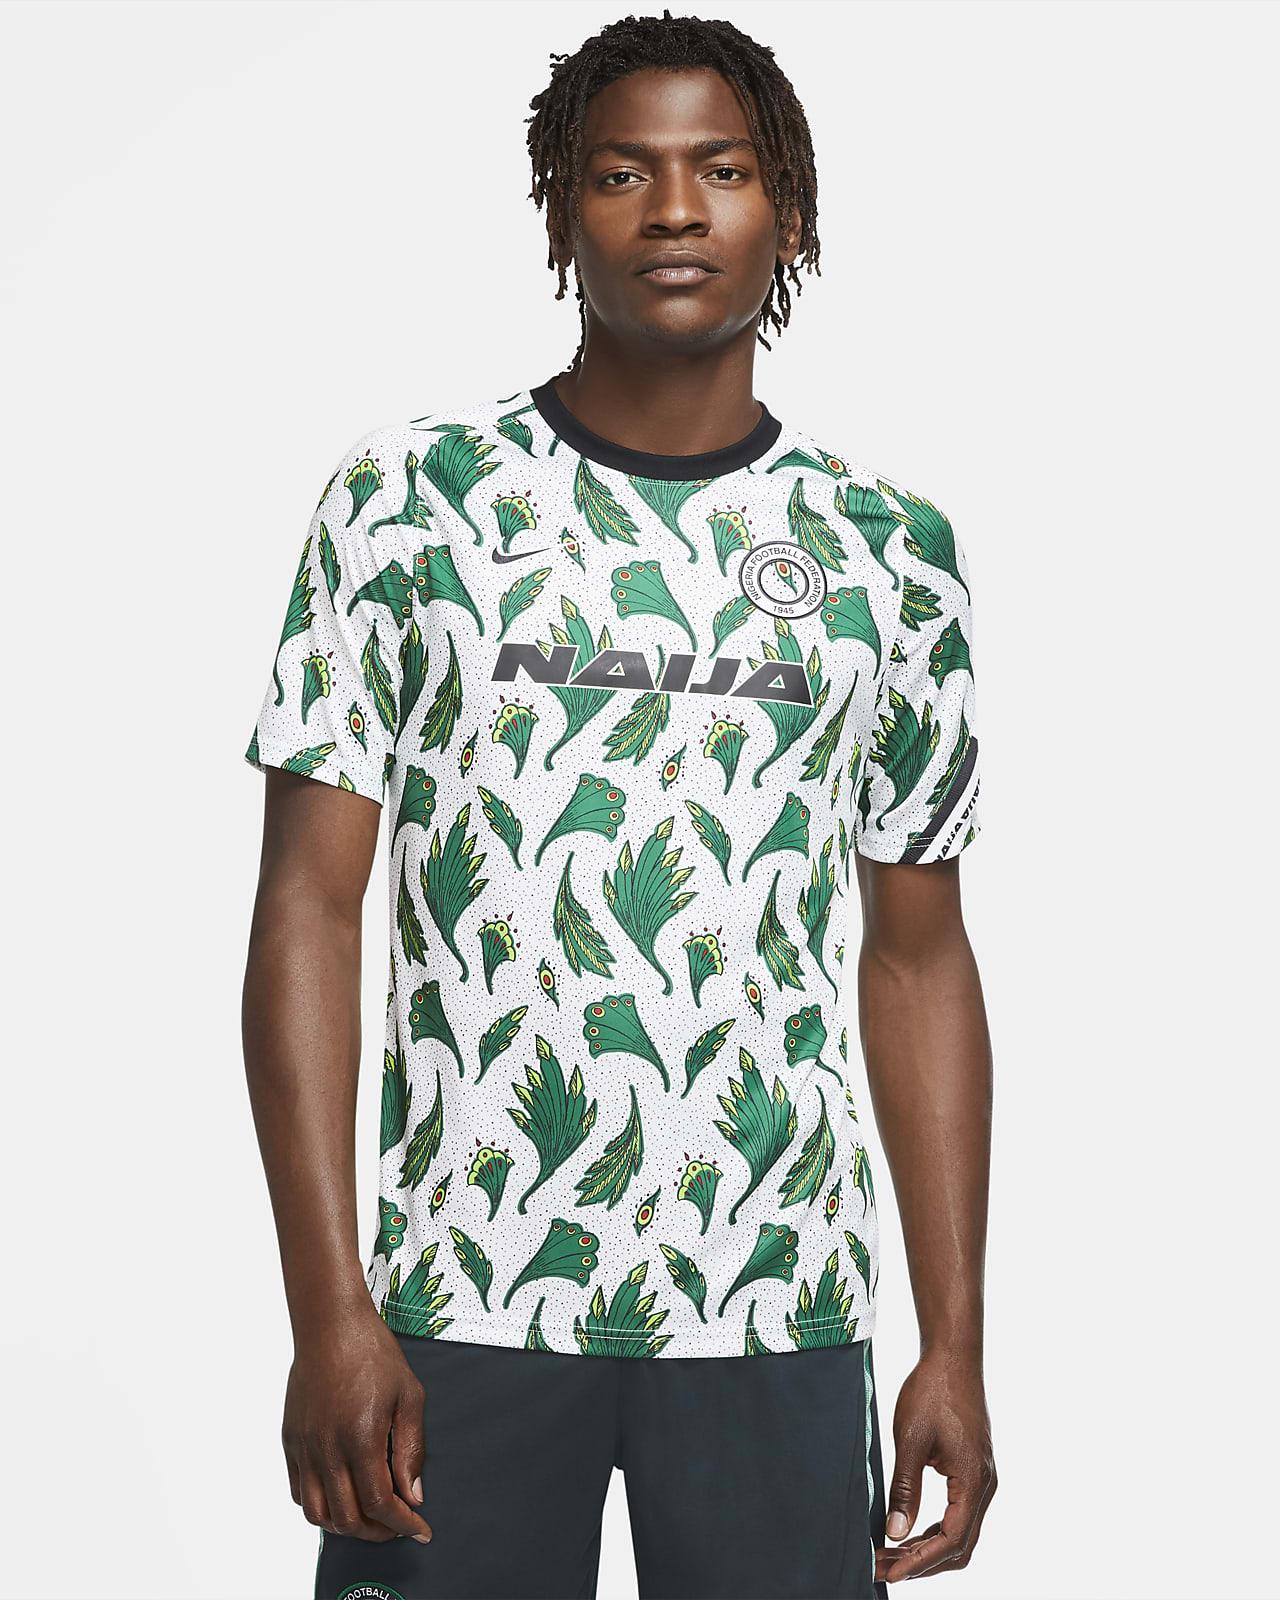 Nigéria mérkőzés előtti rövid ujjú férfi futballfelső